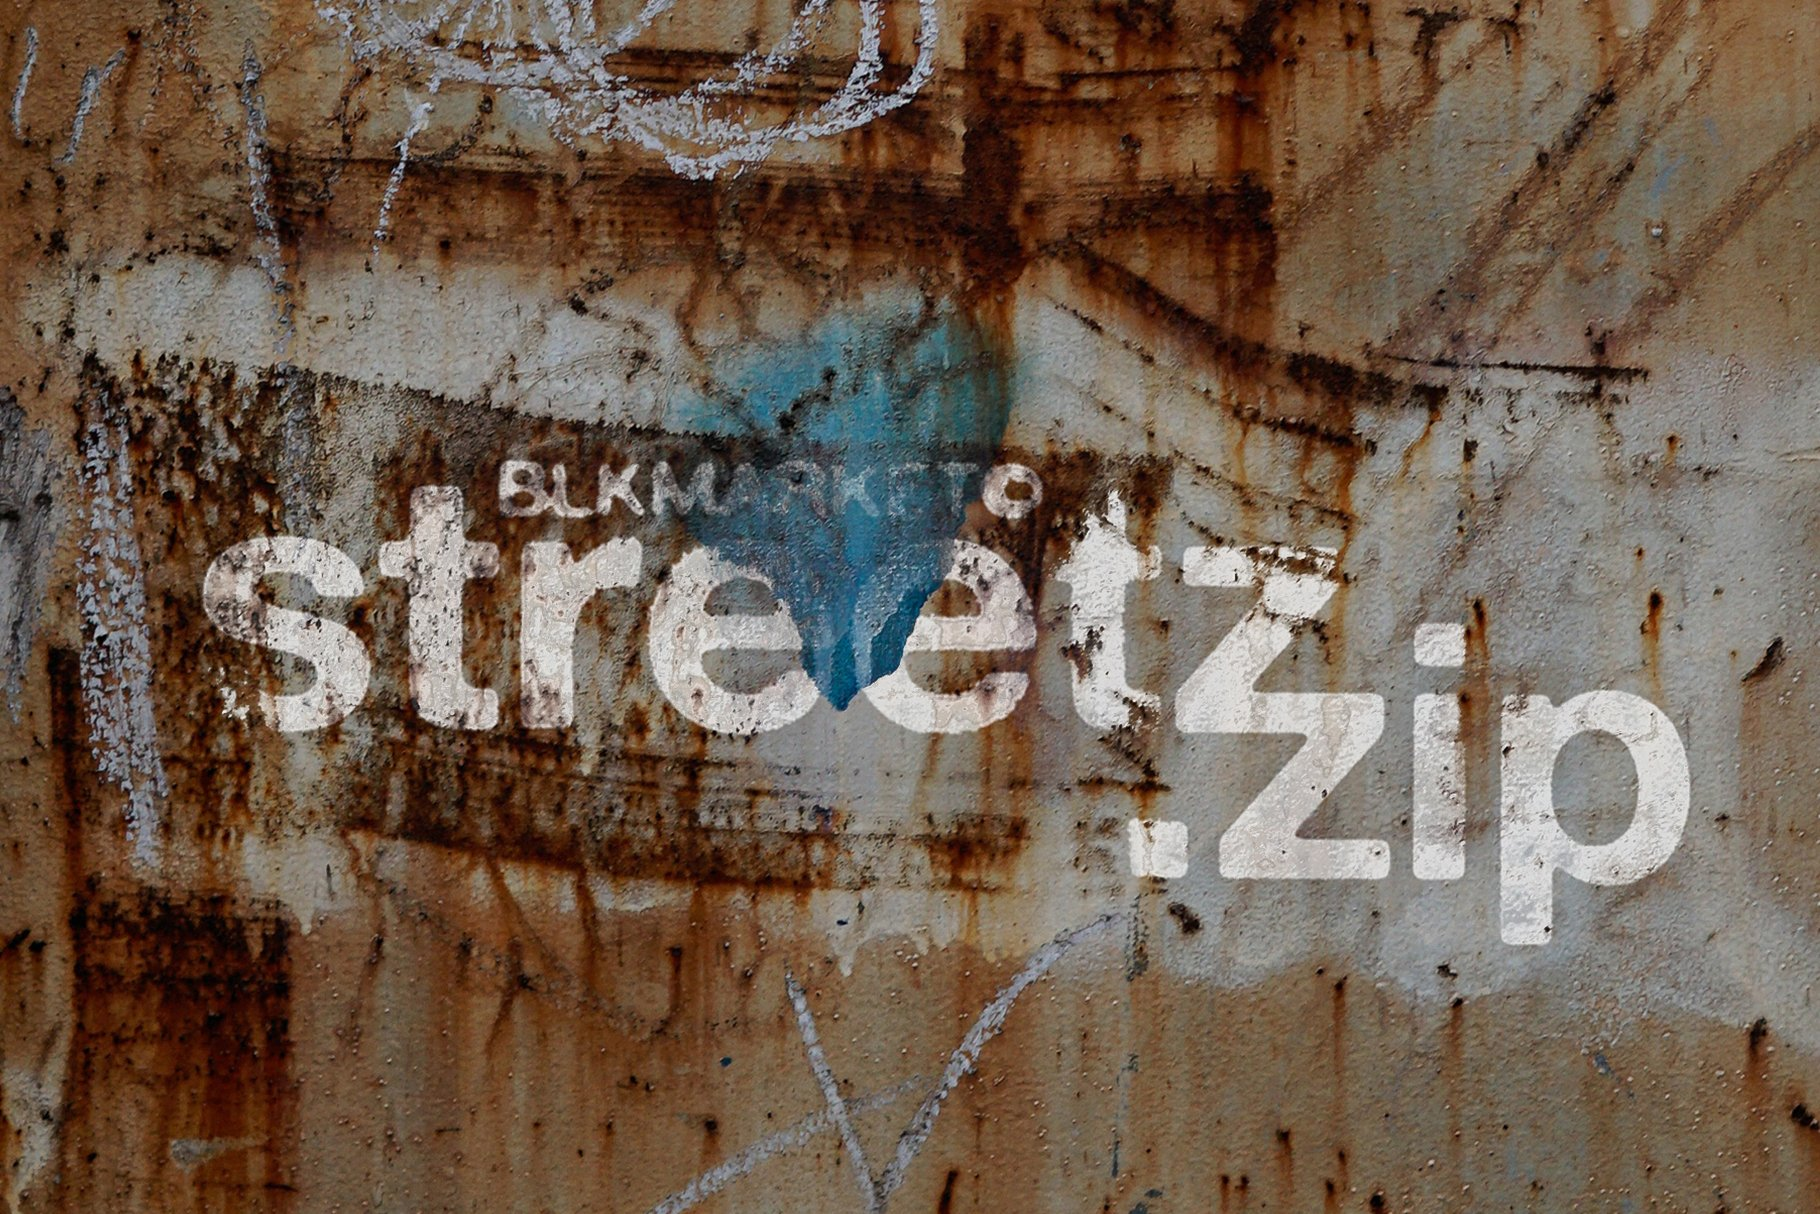 280多款高清锈迹划痕破裂污渍混凝土城市摄影图片背景素材 280 Urban Textures插图